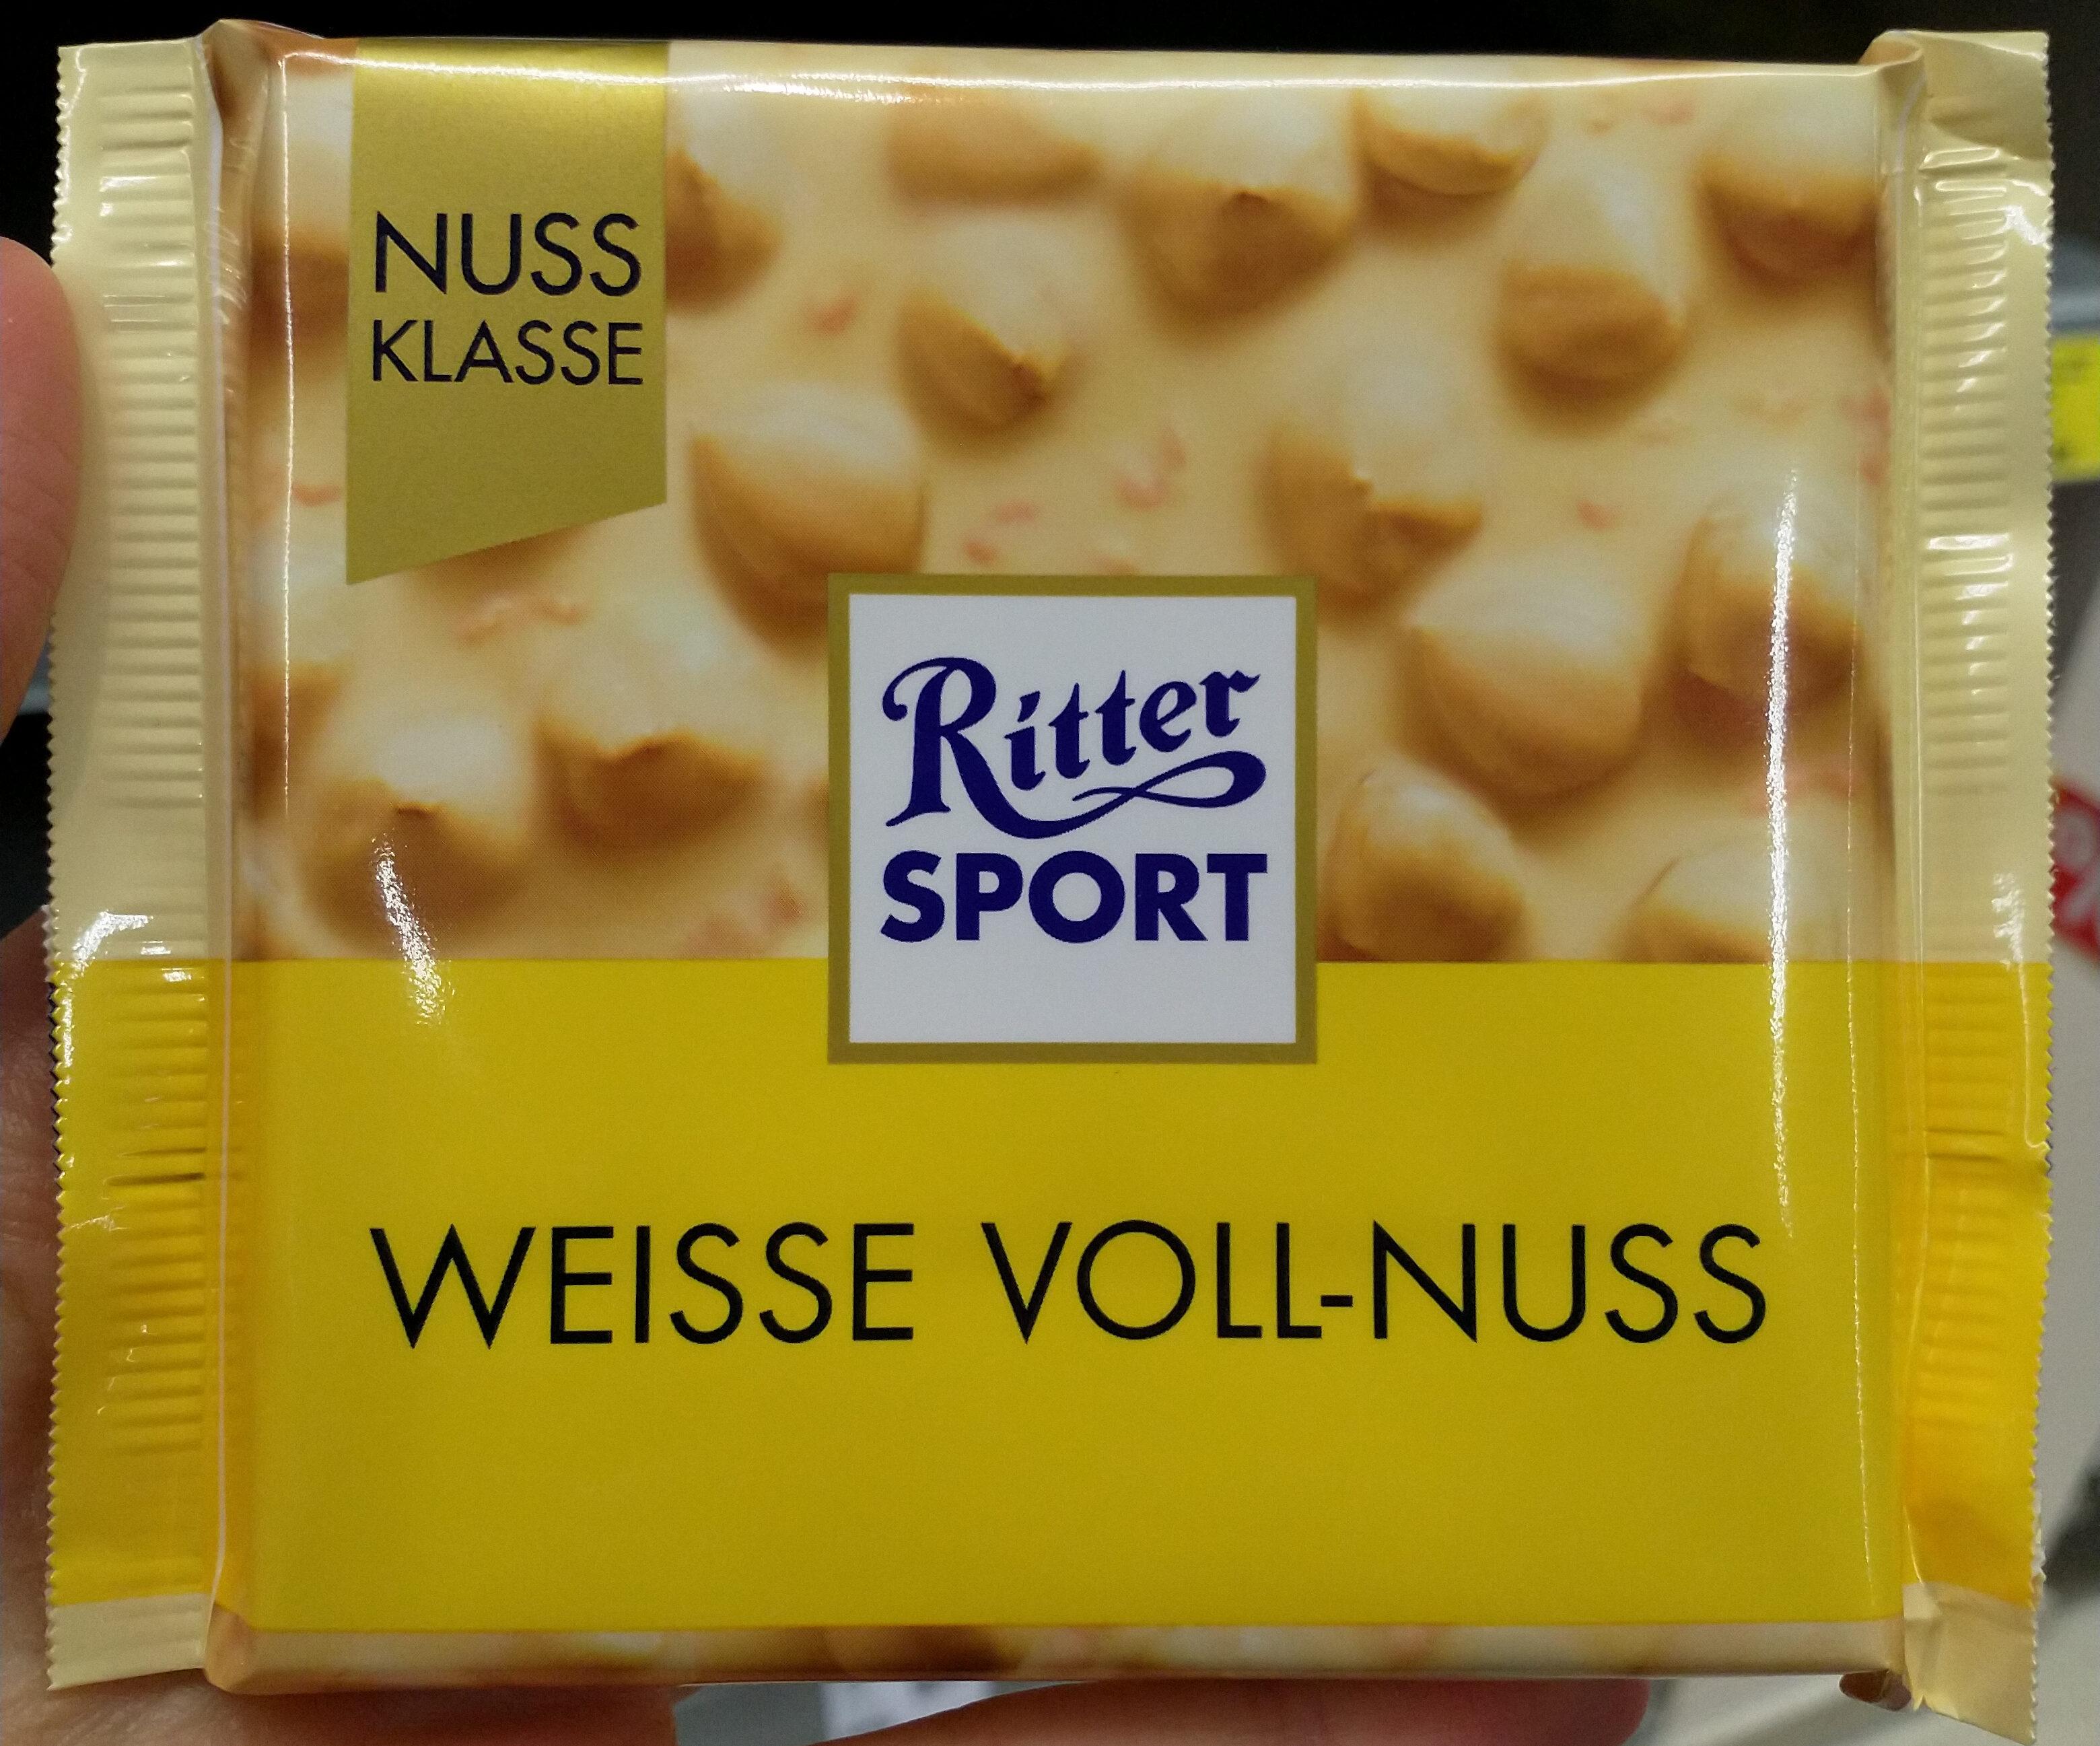 Weisse Voll-Nuss - Produkt - de